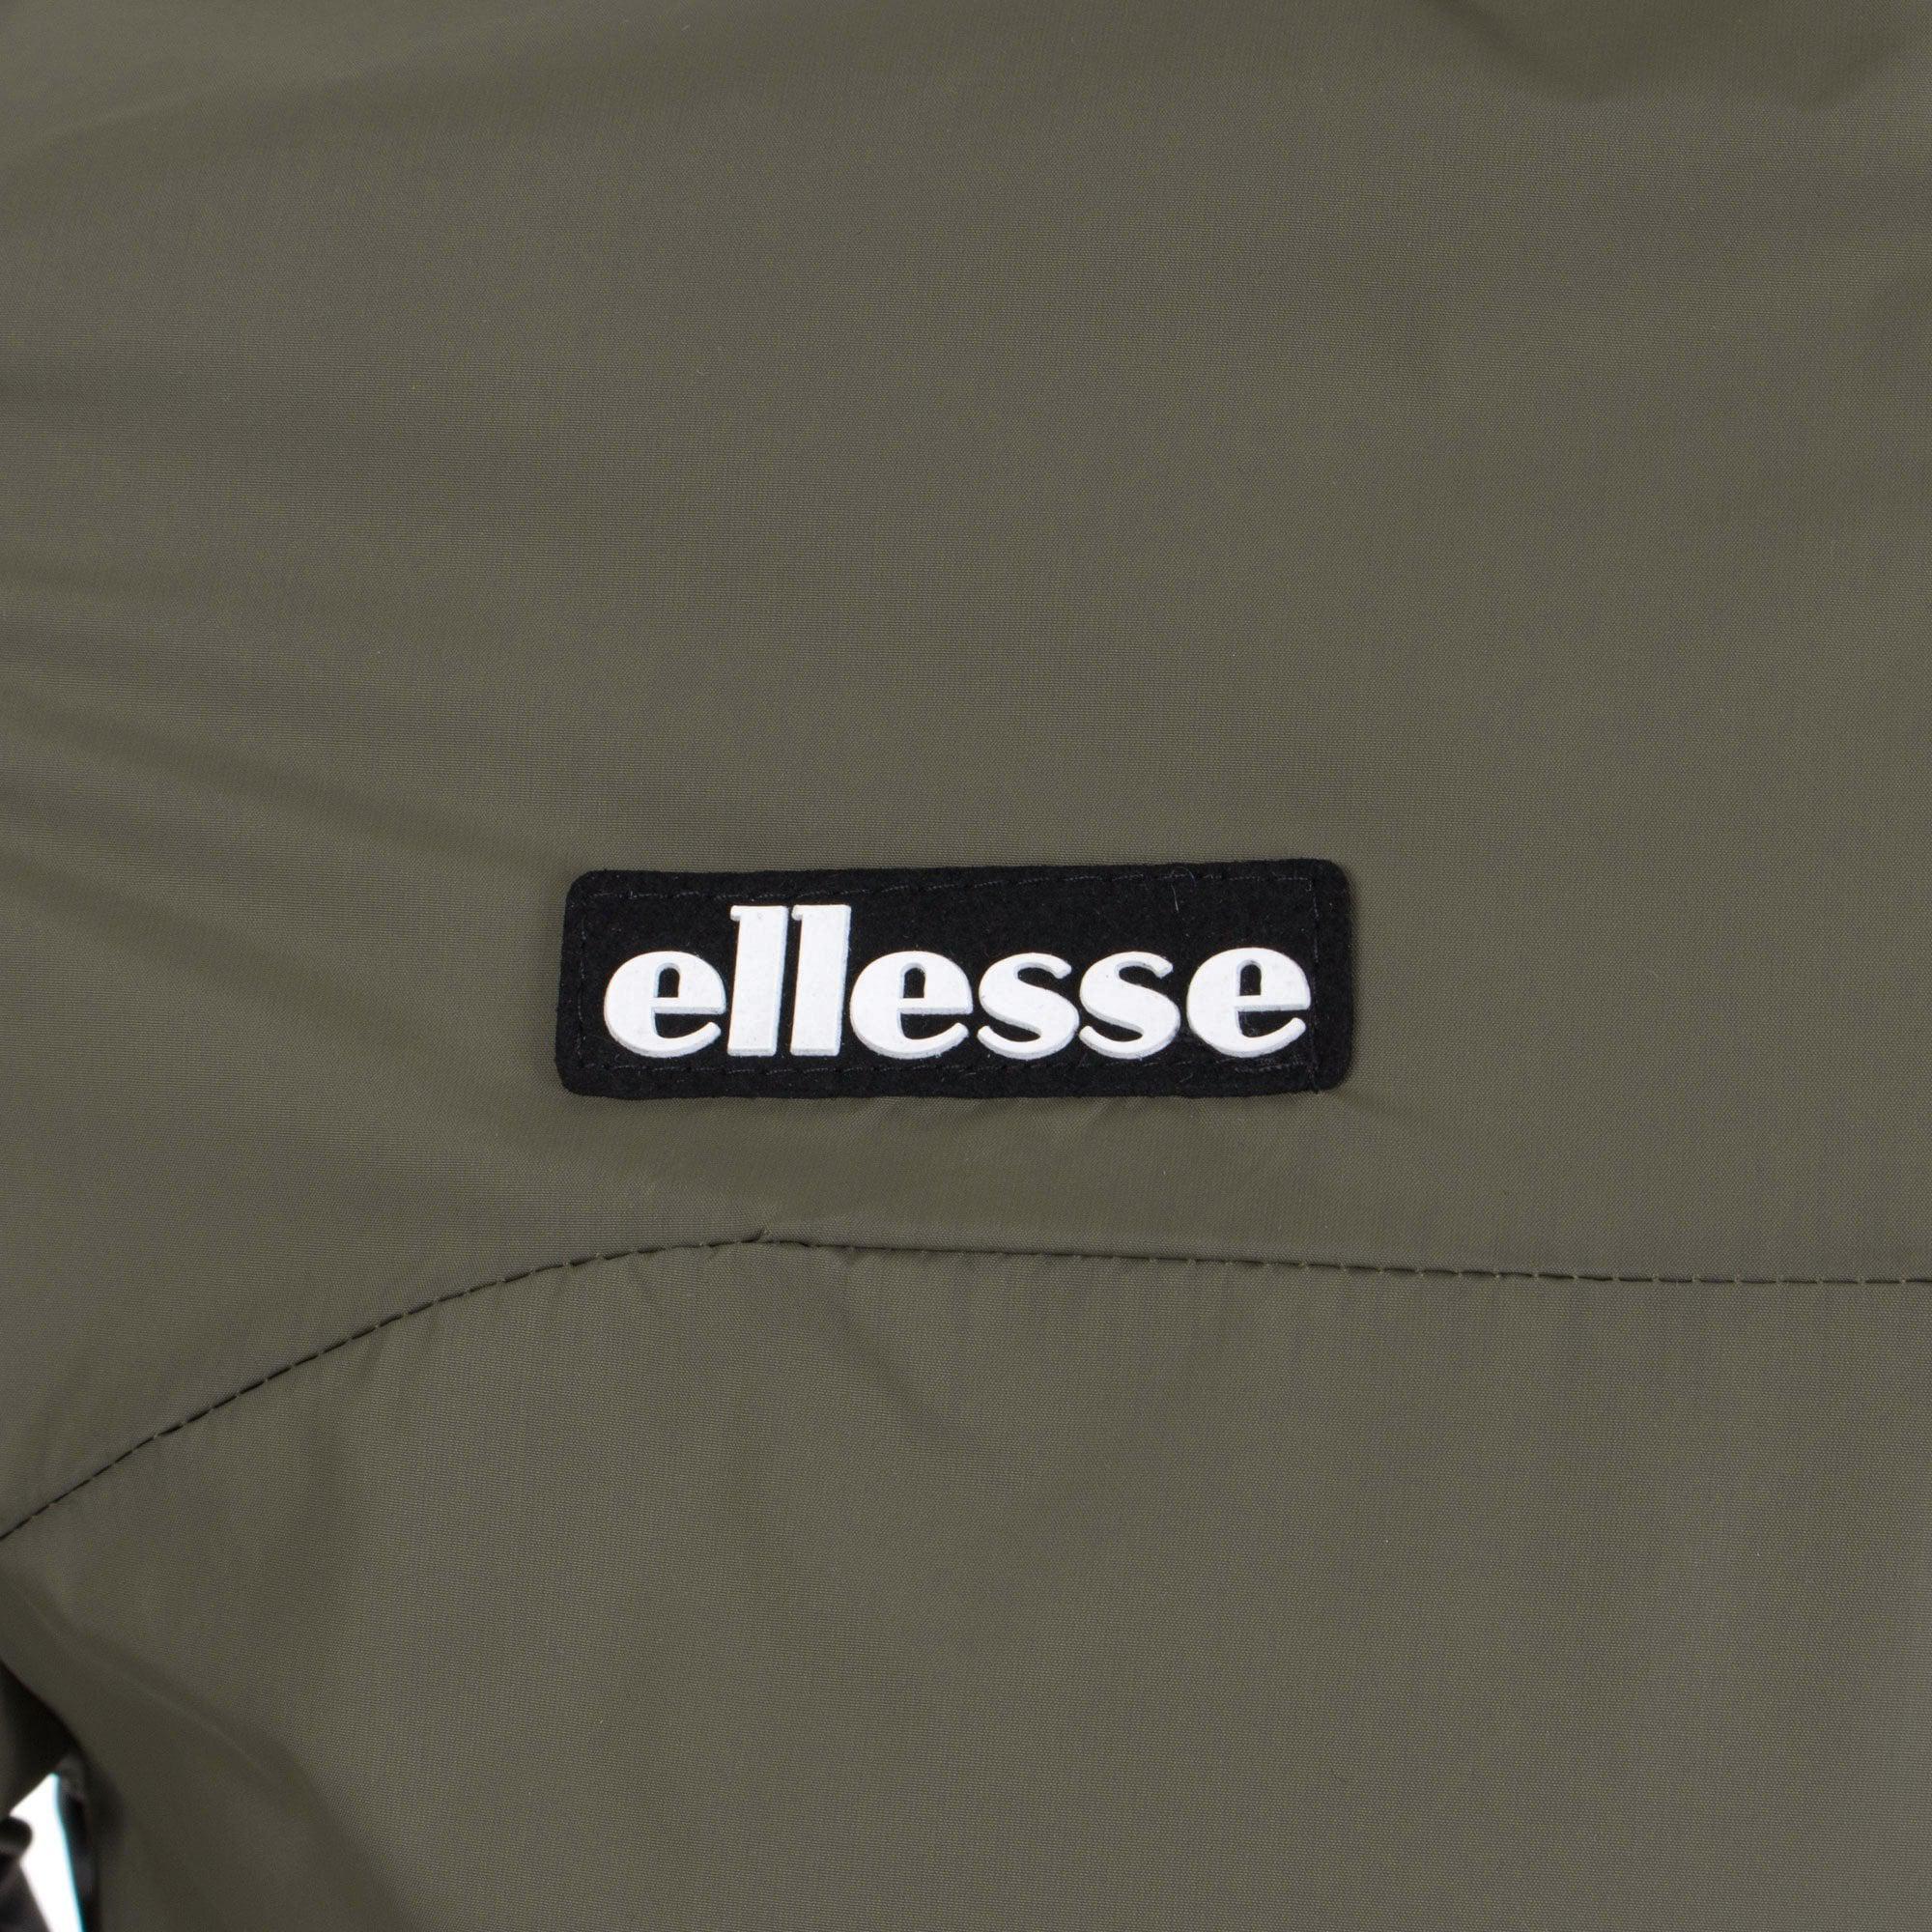 Ellesse Sortoni Jacket in Olive (Green) for Men